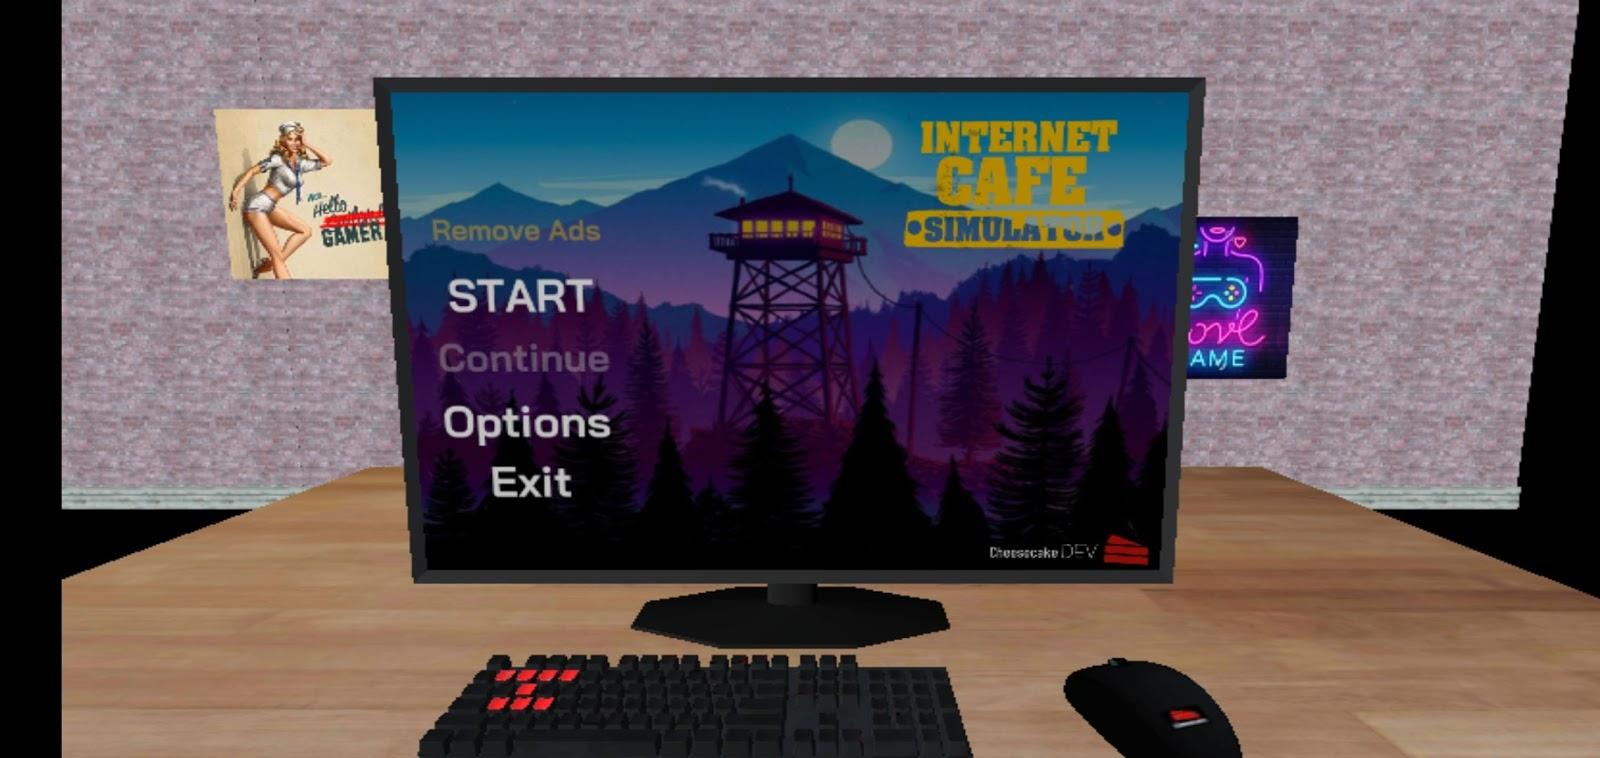 Download Internet Cafe Simulator Mod Apk (Unlimited Money ...